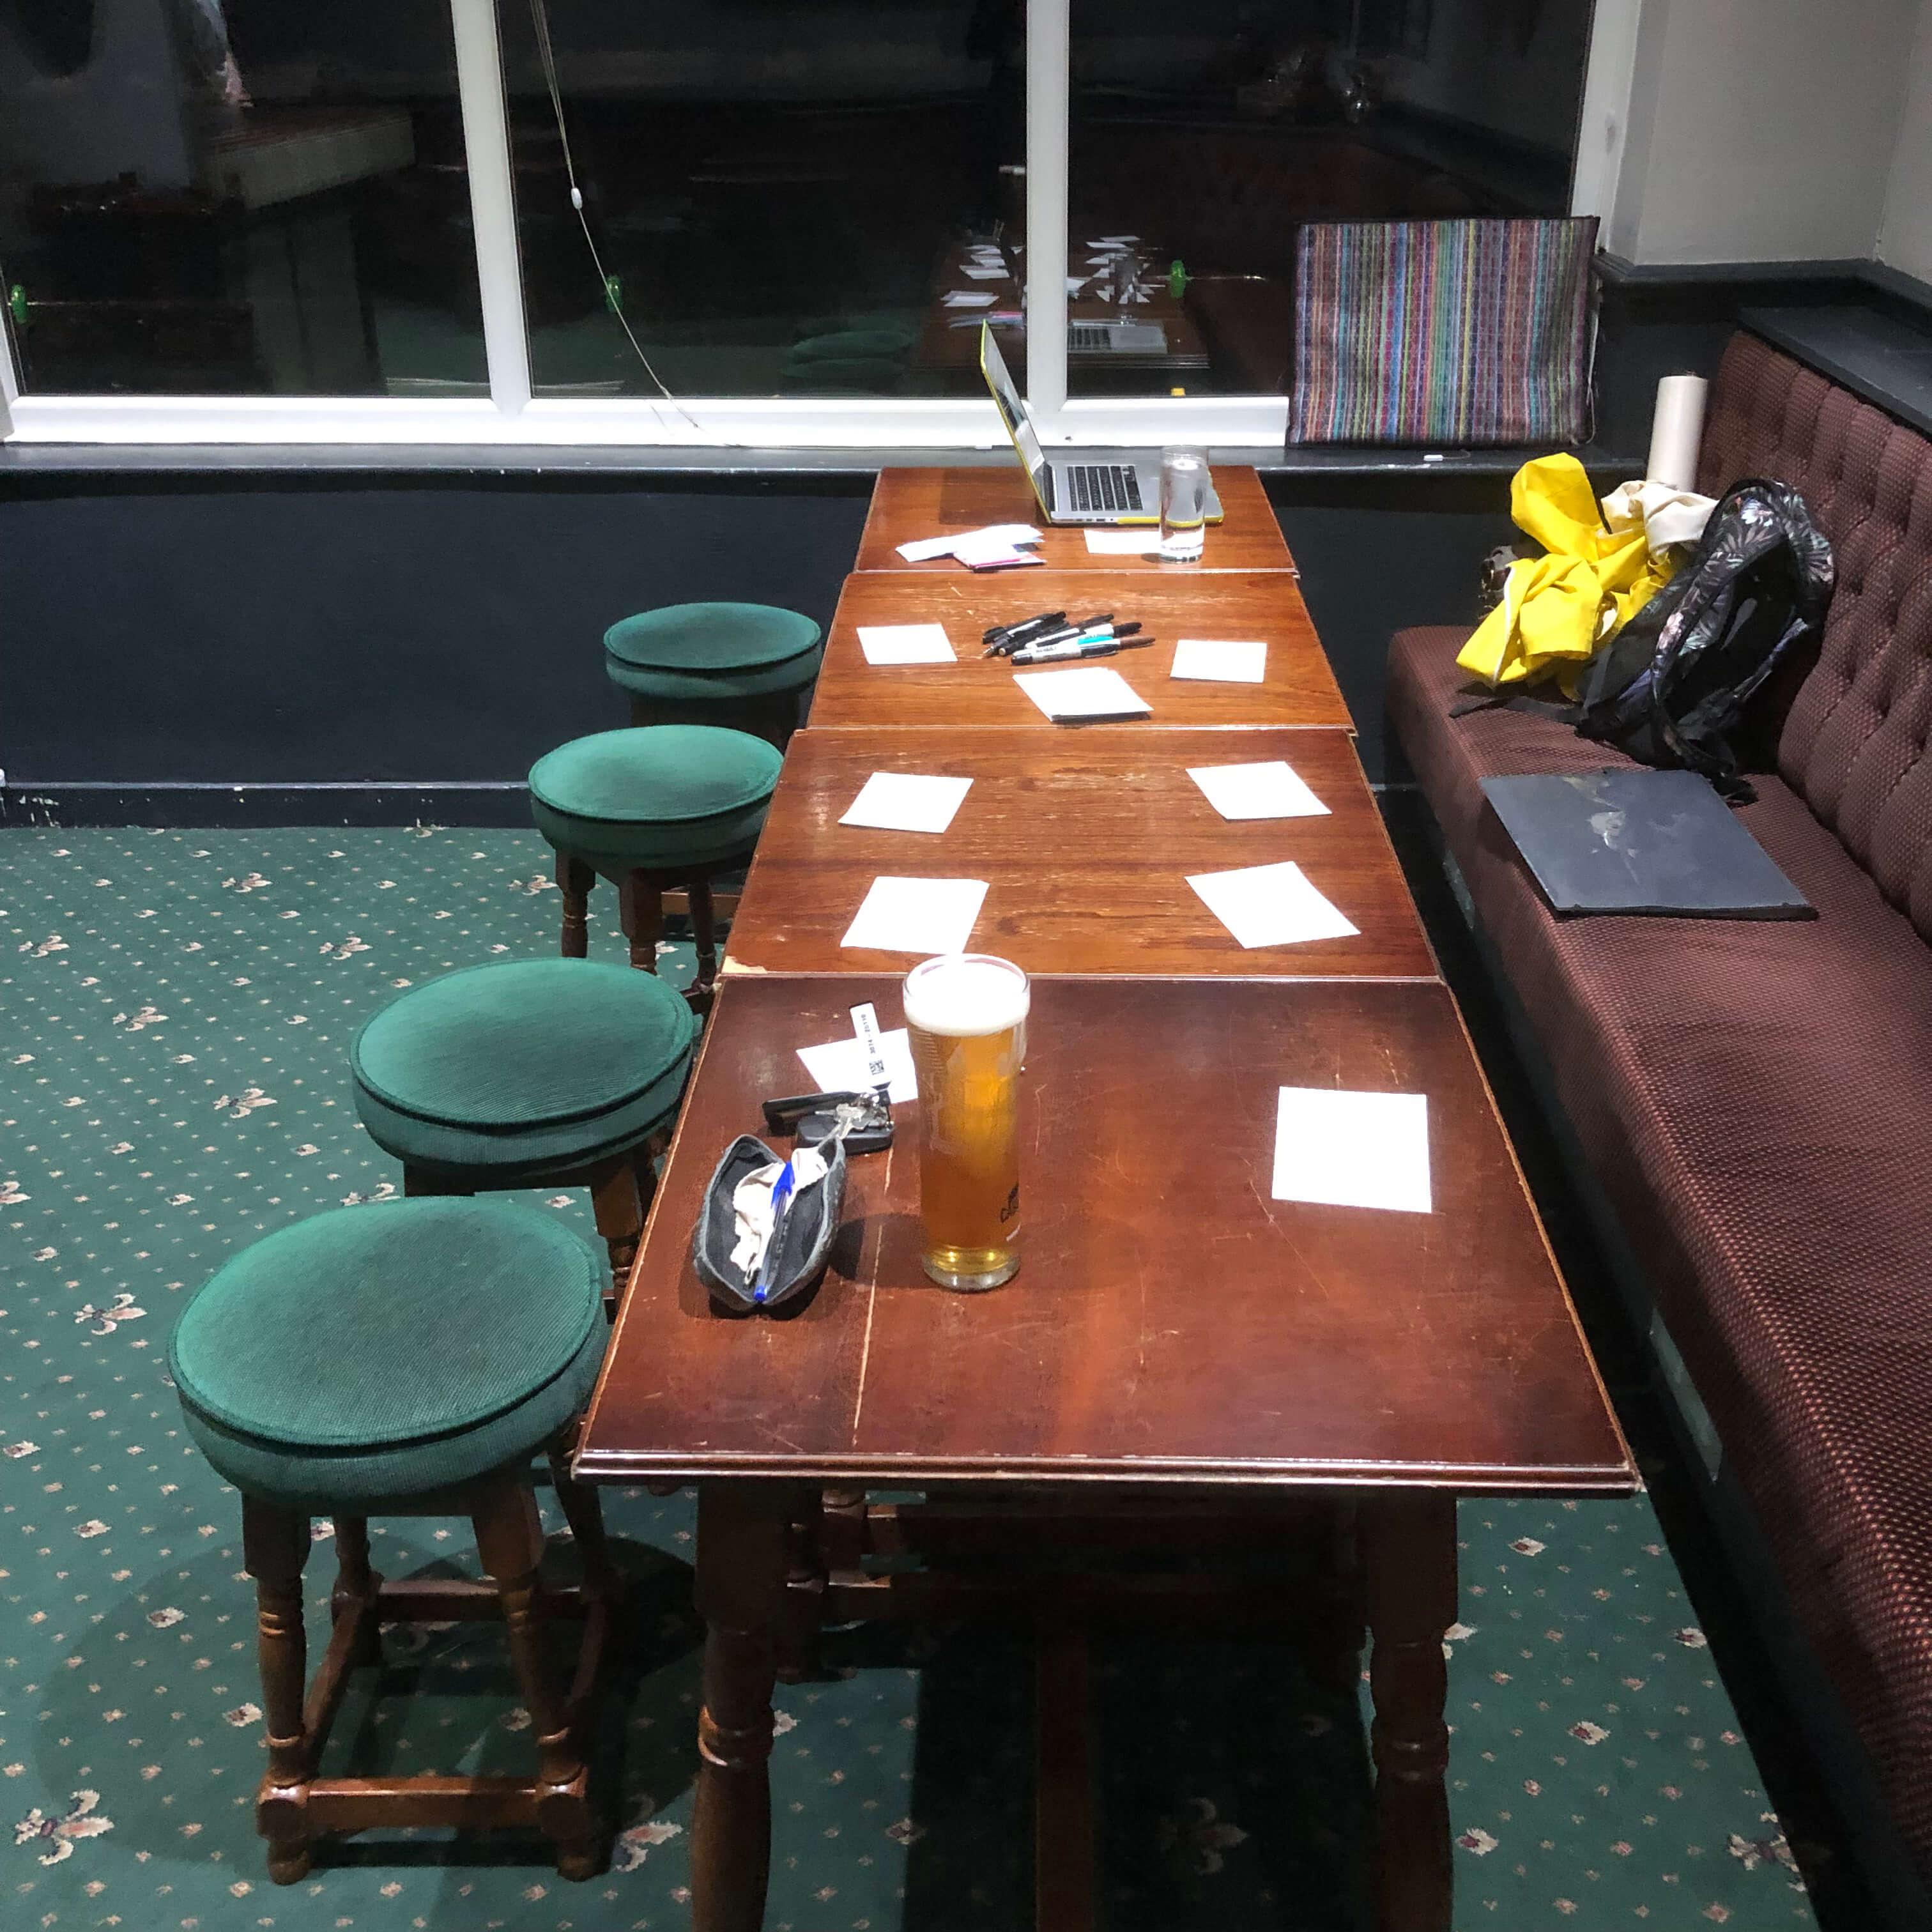 image pub meeting